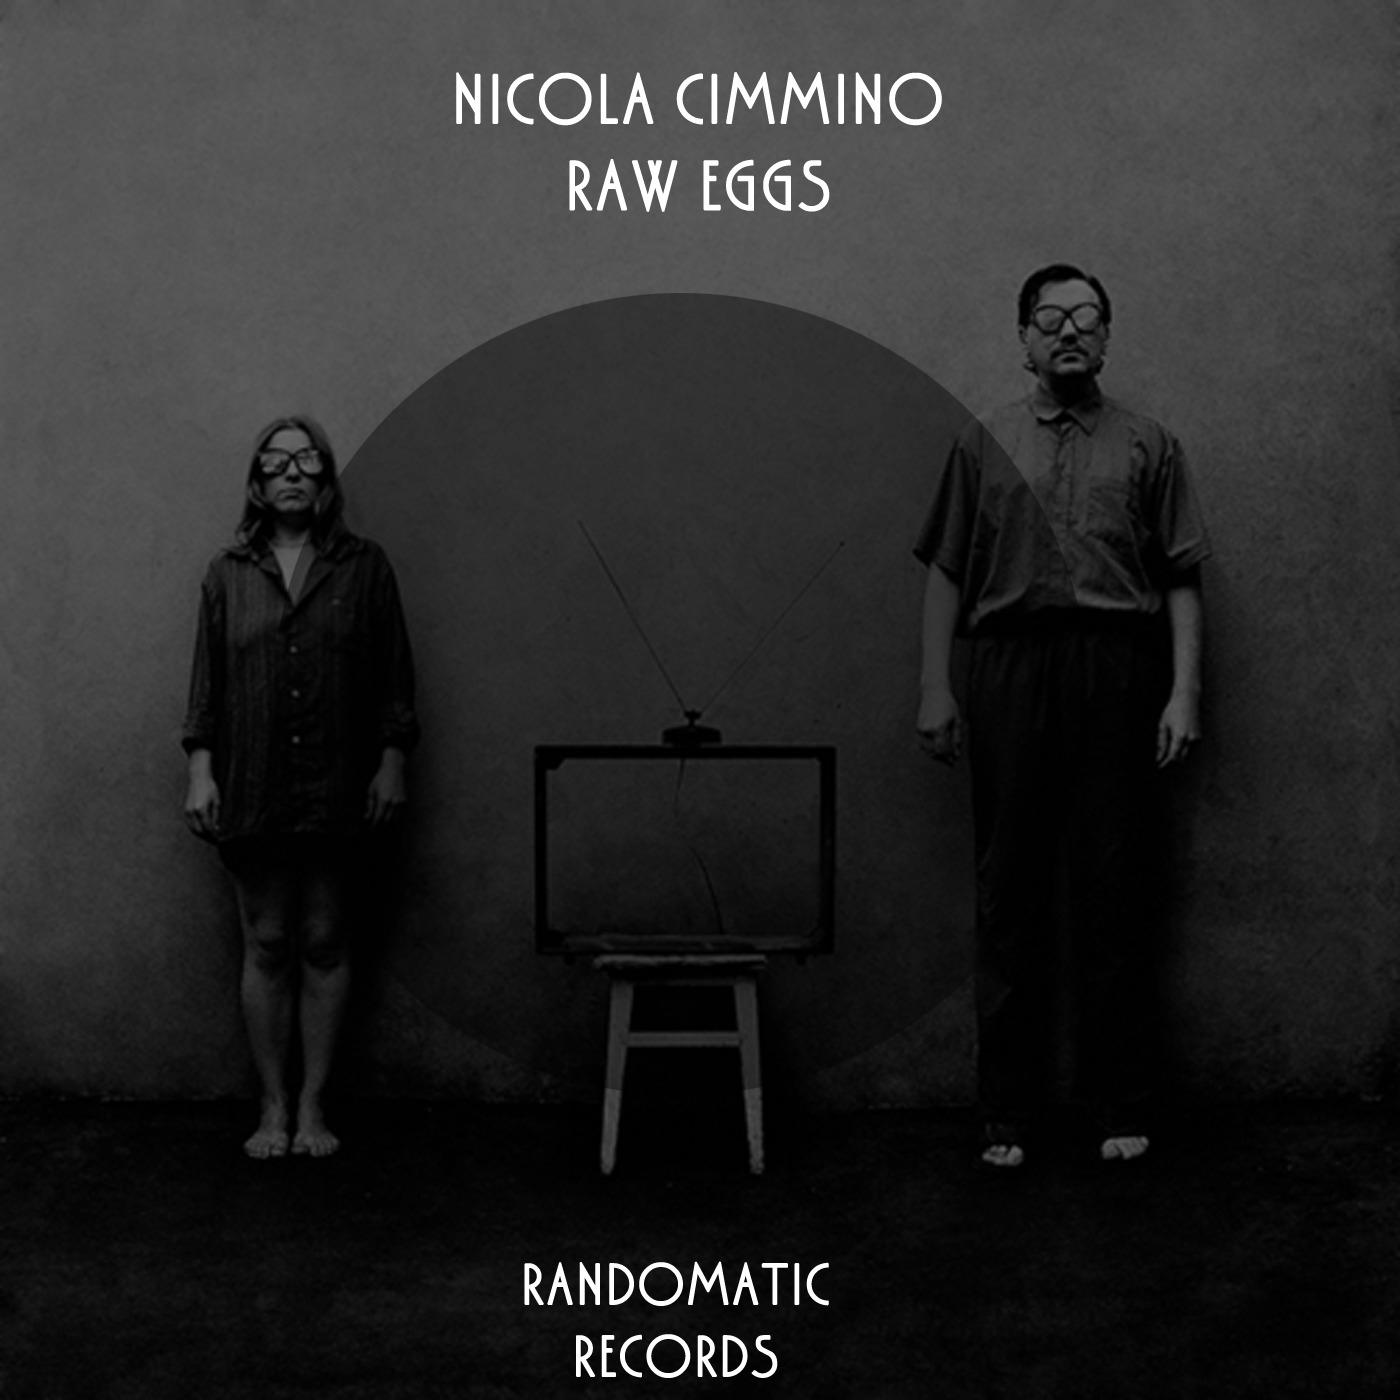 Nicola Cimmino - Enveloped (Original mix)